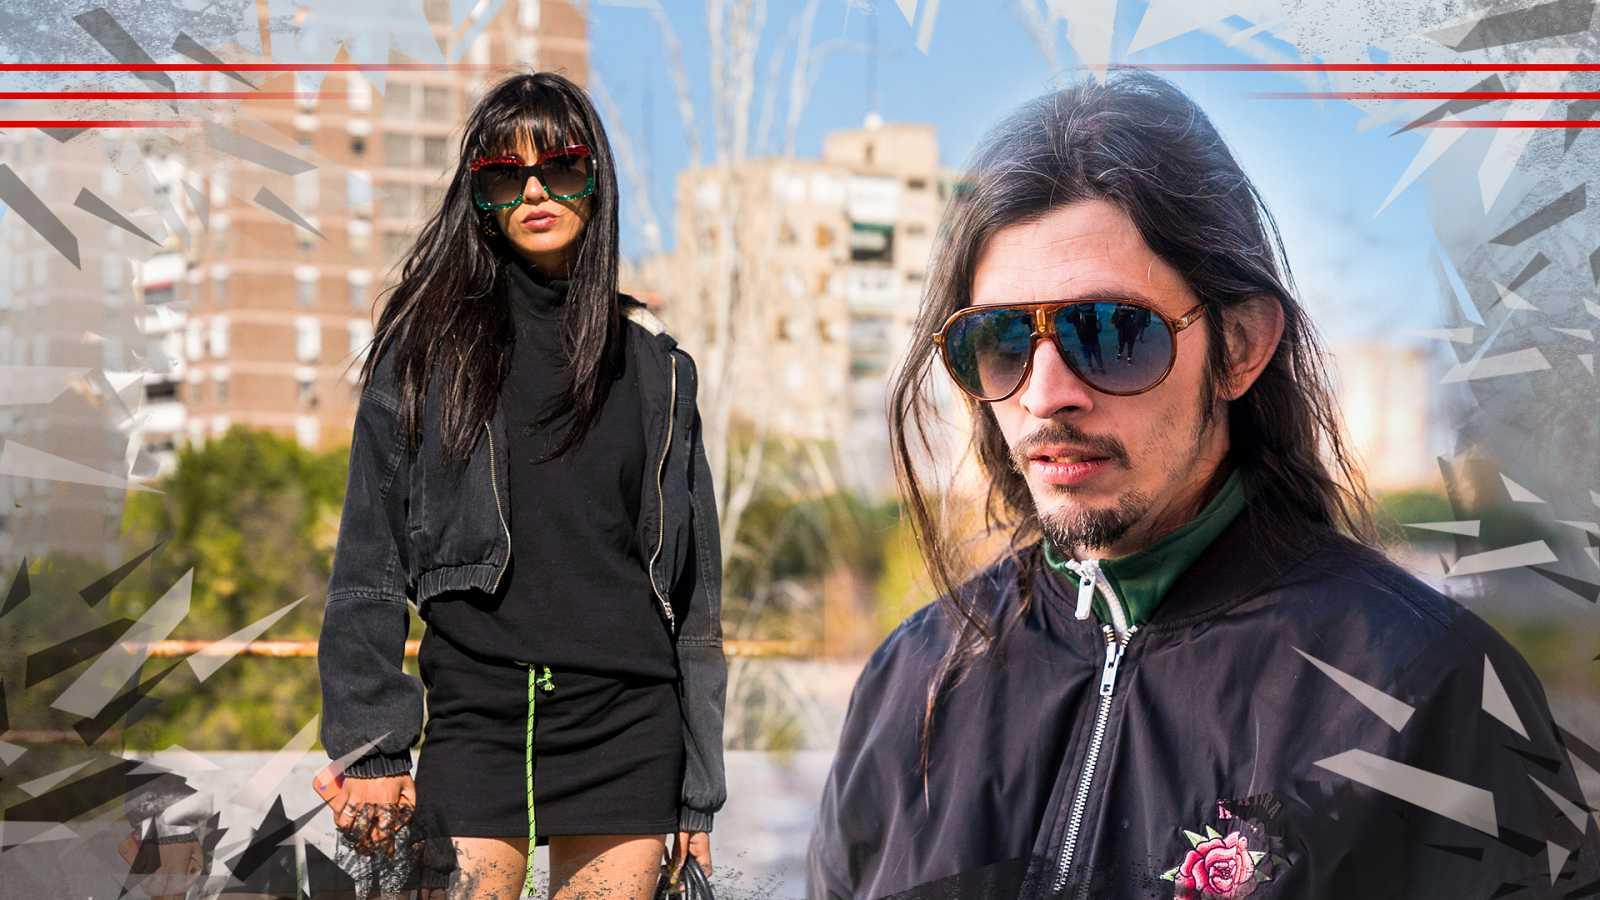 Mixtape - La Zowi y El Coleta